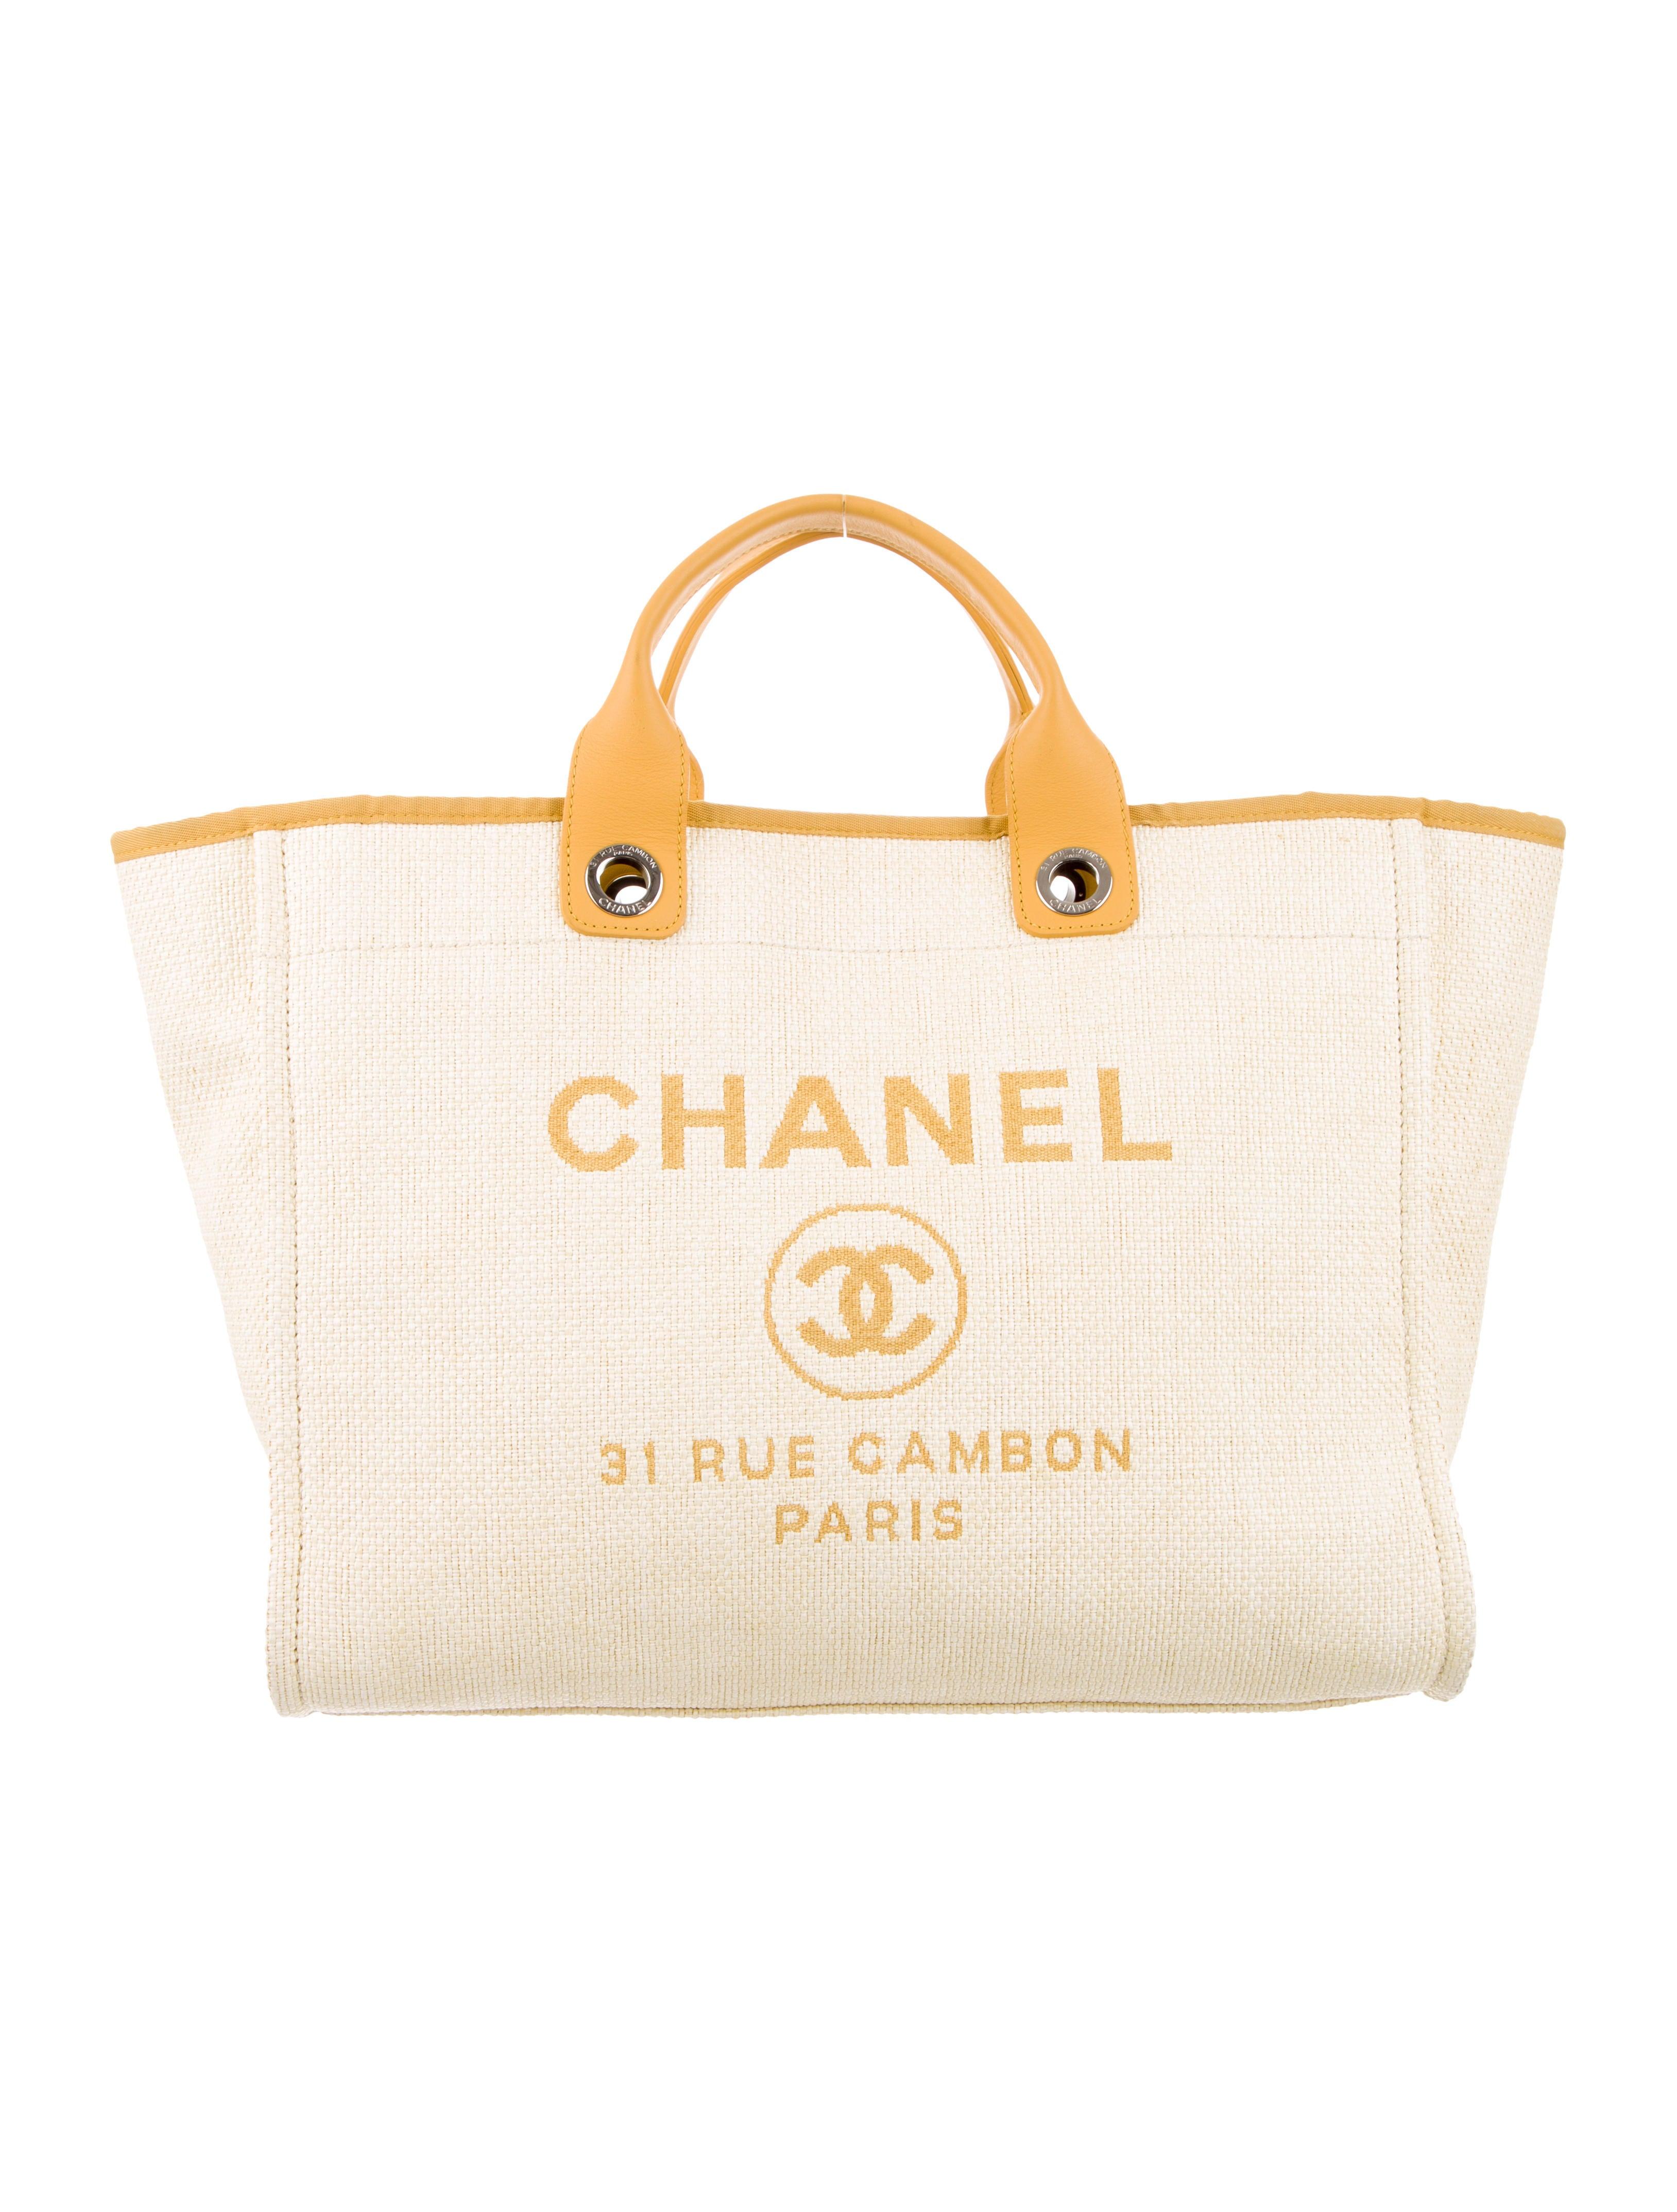 3cd8f4e6f835ea Chanel 2017 Raffia Large Deauville Tote - Handbags - CHA343224 | The ...